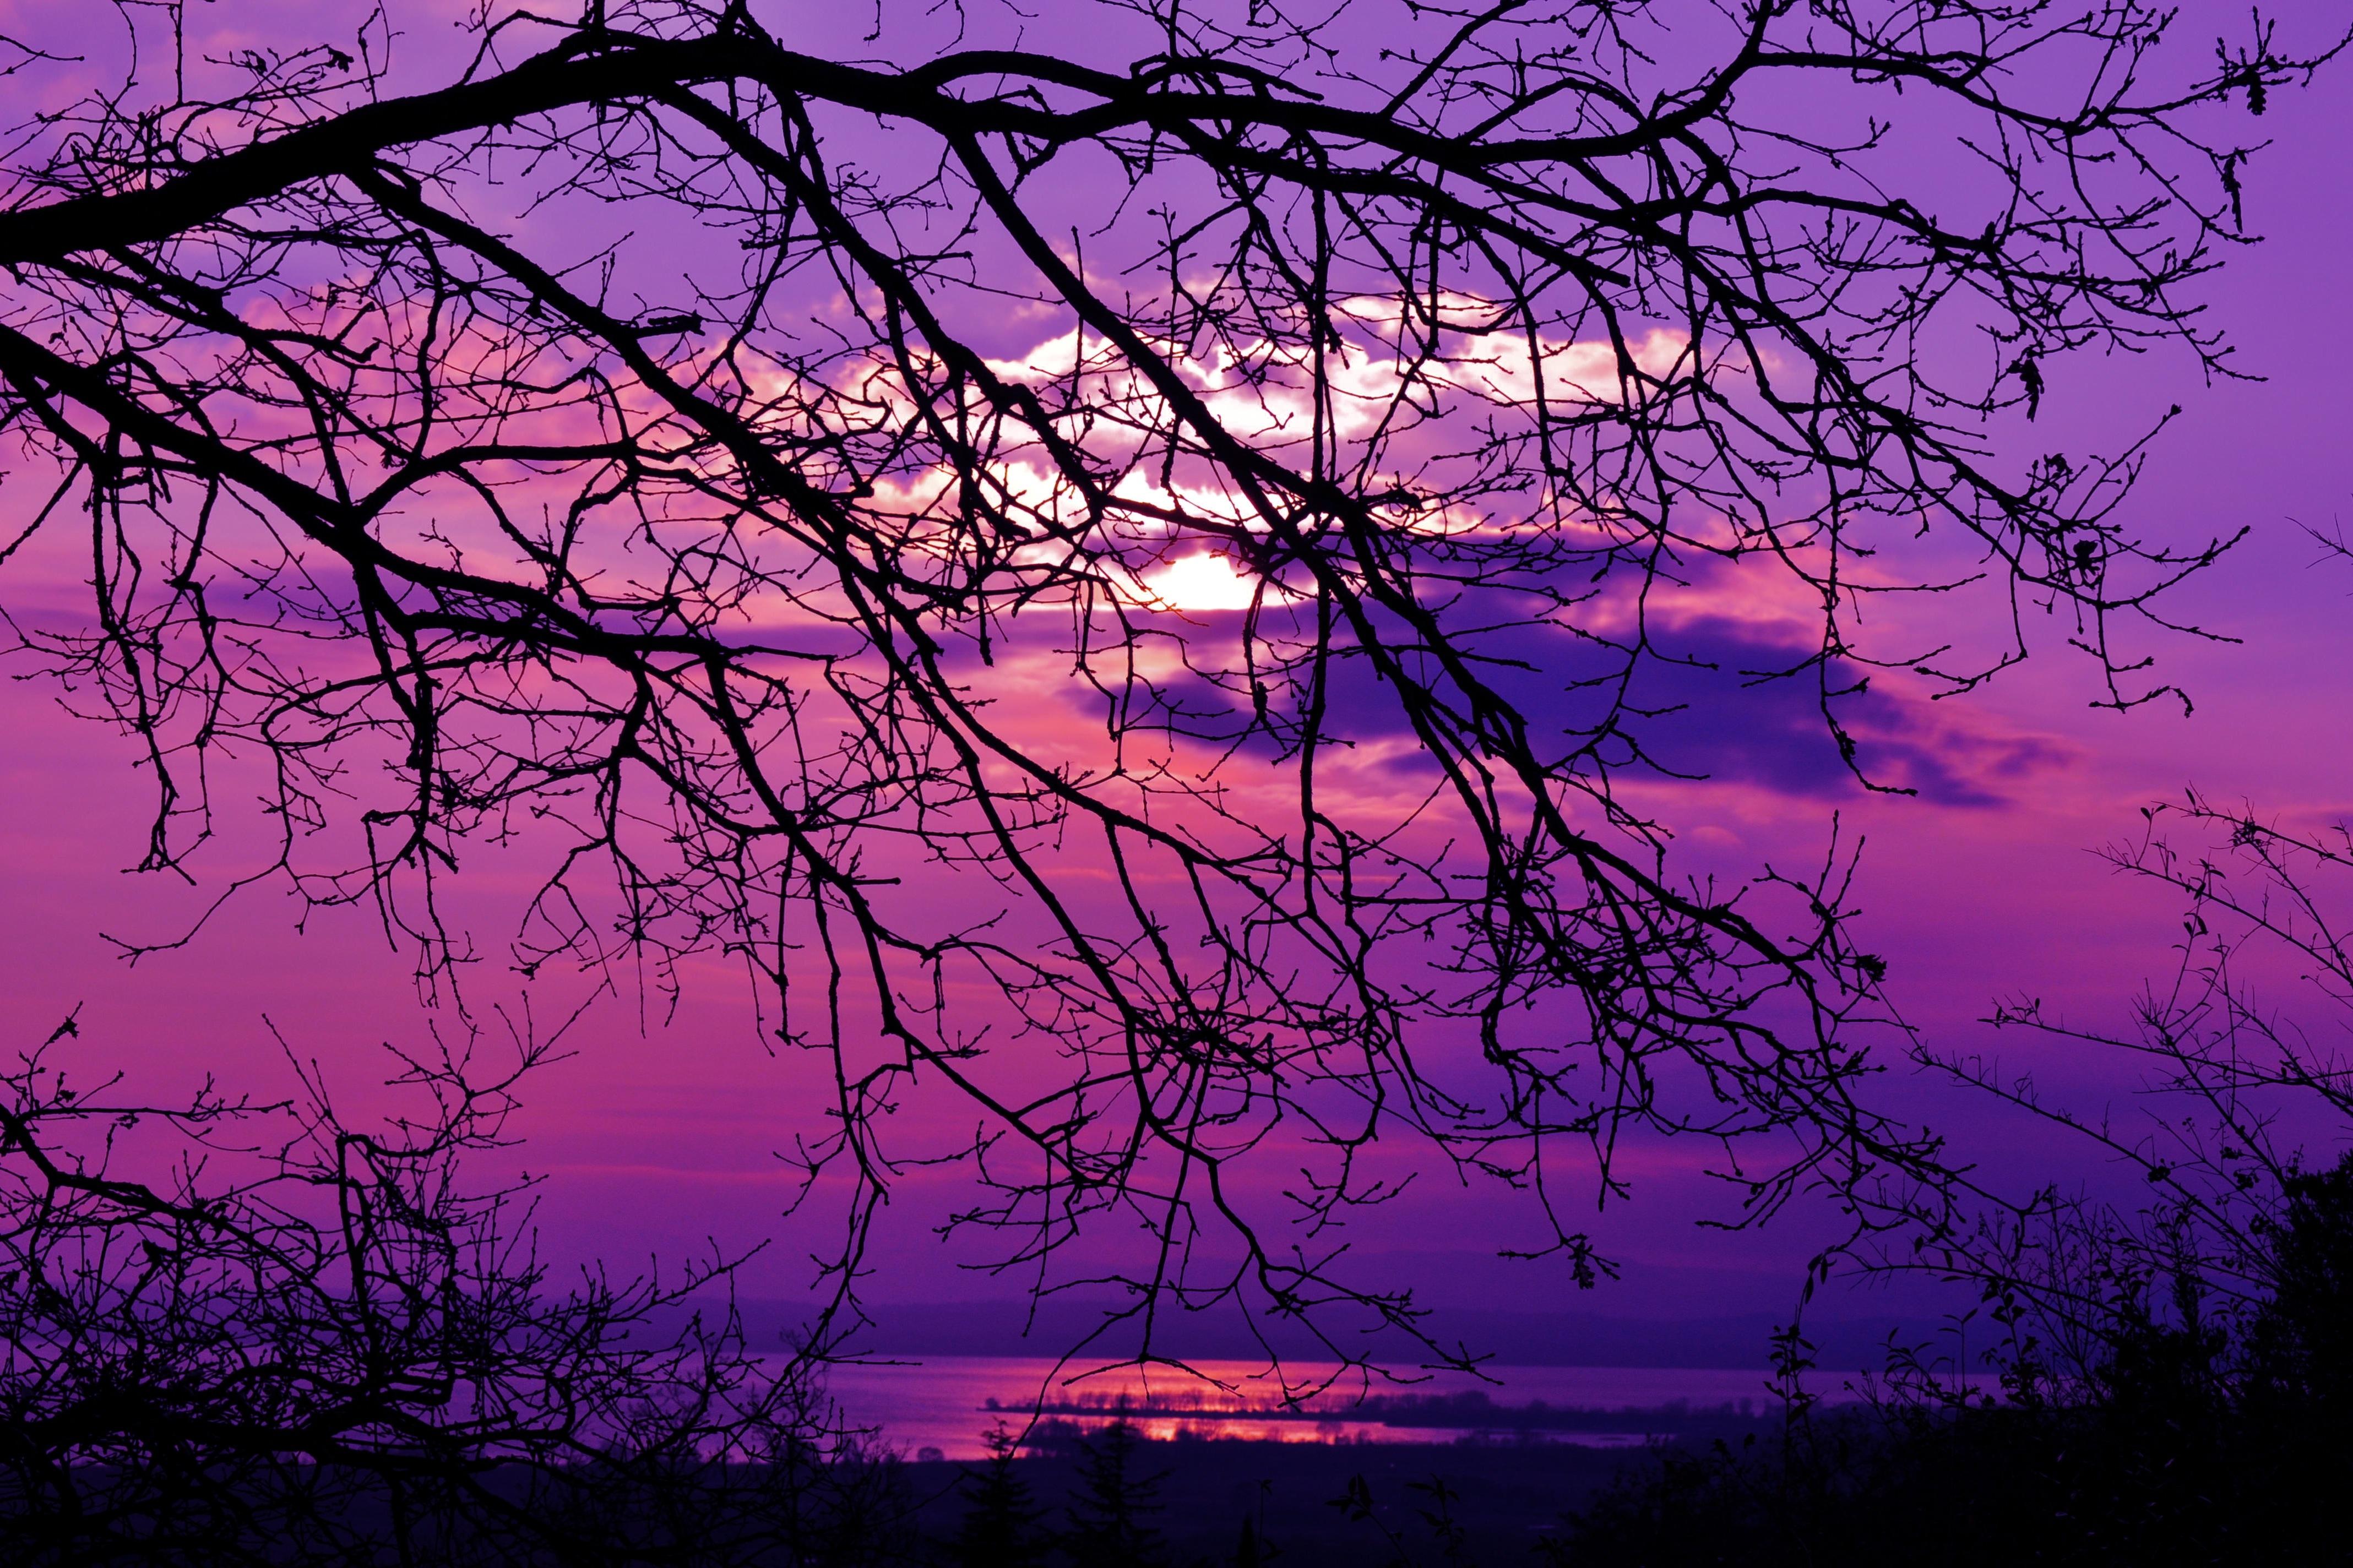 картинки фиолетовый пейзаж это